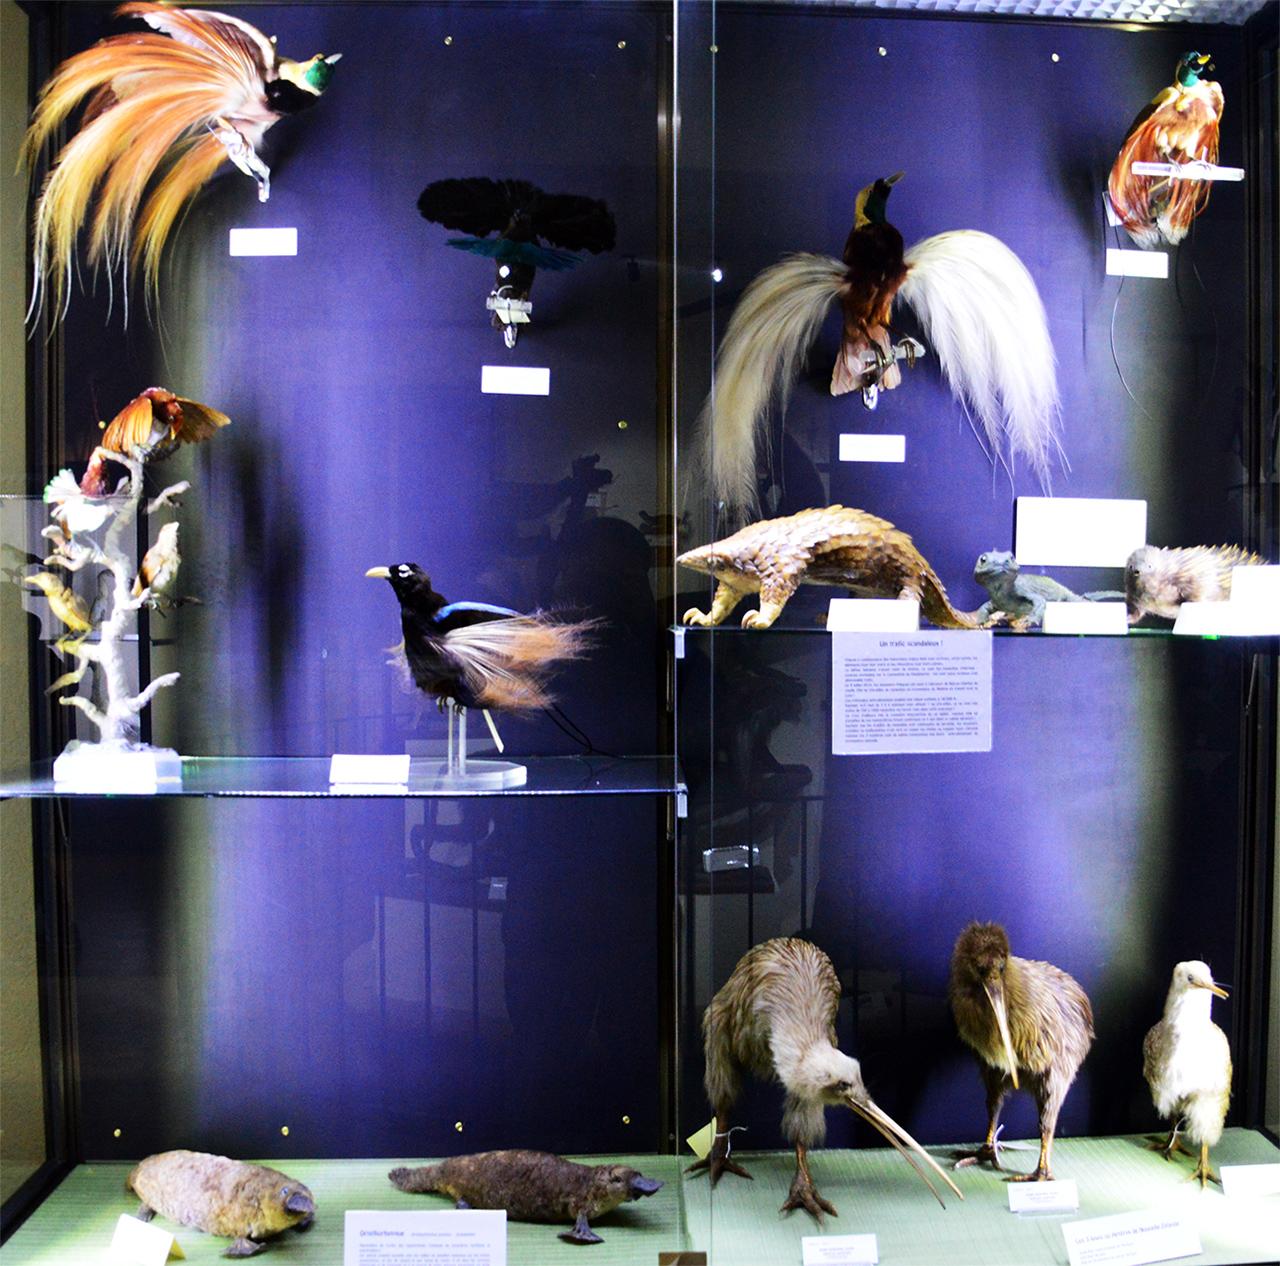 폴리네시아 호주 희귀동물. 프랑스 탐험가들이 놀란 오리너구리, 가시두더지가 전시 중이다.